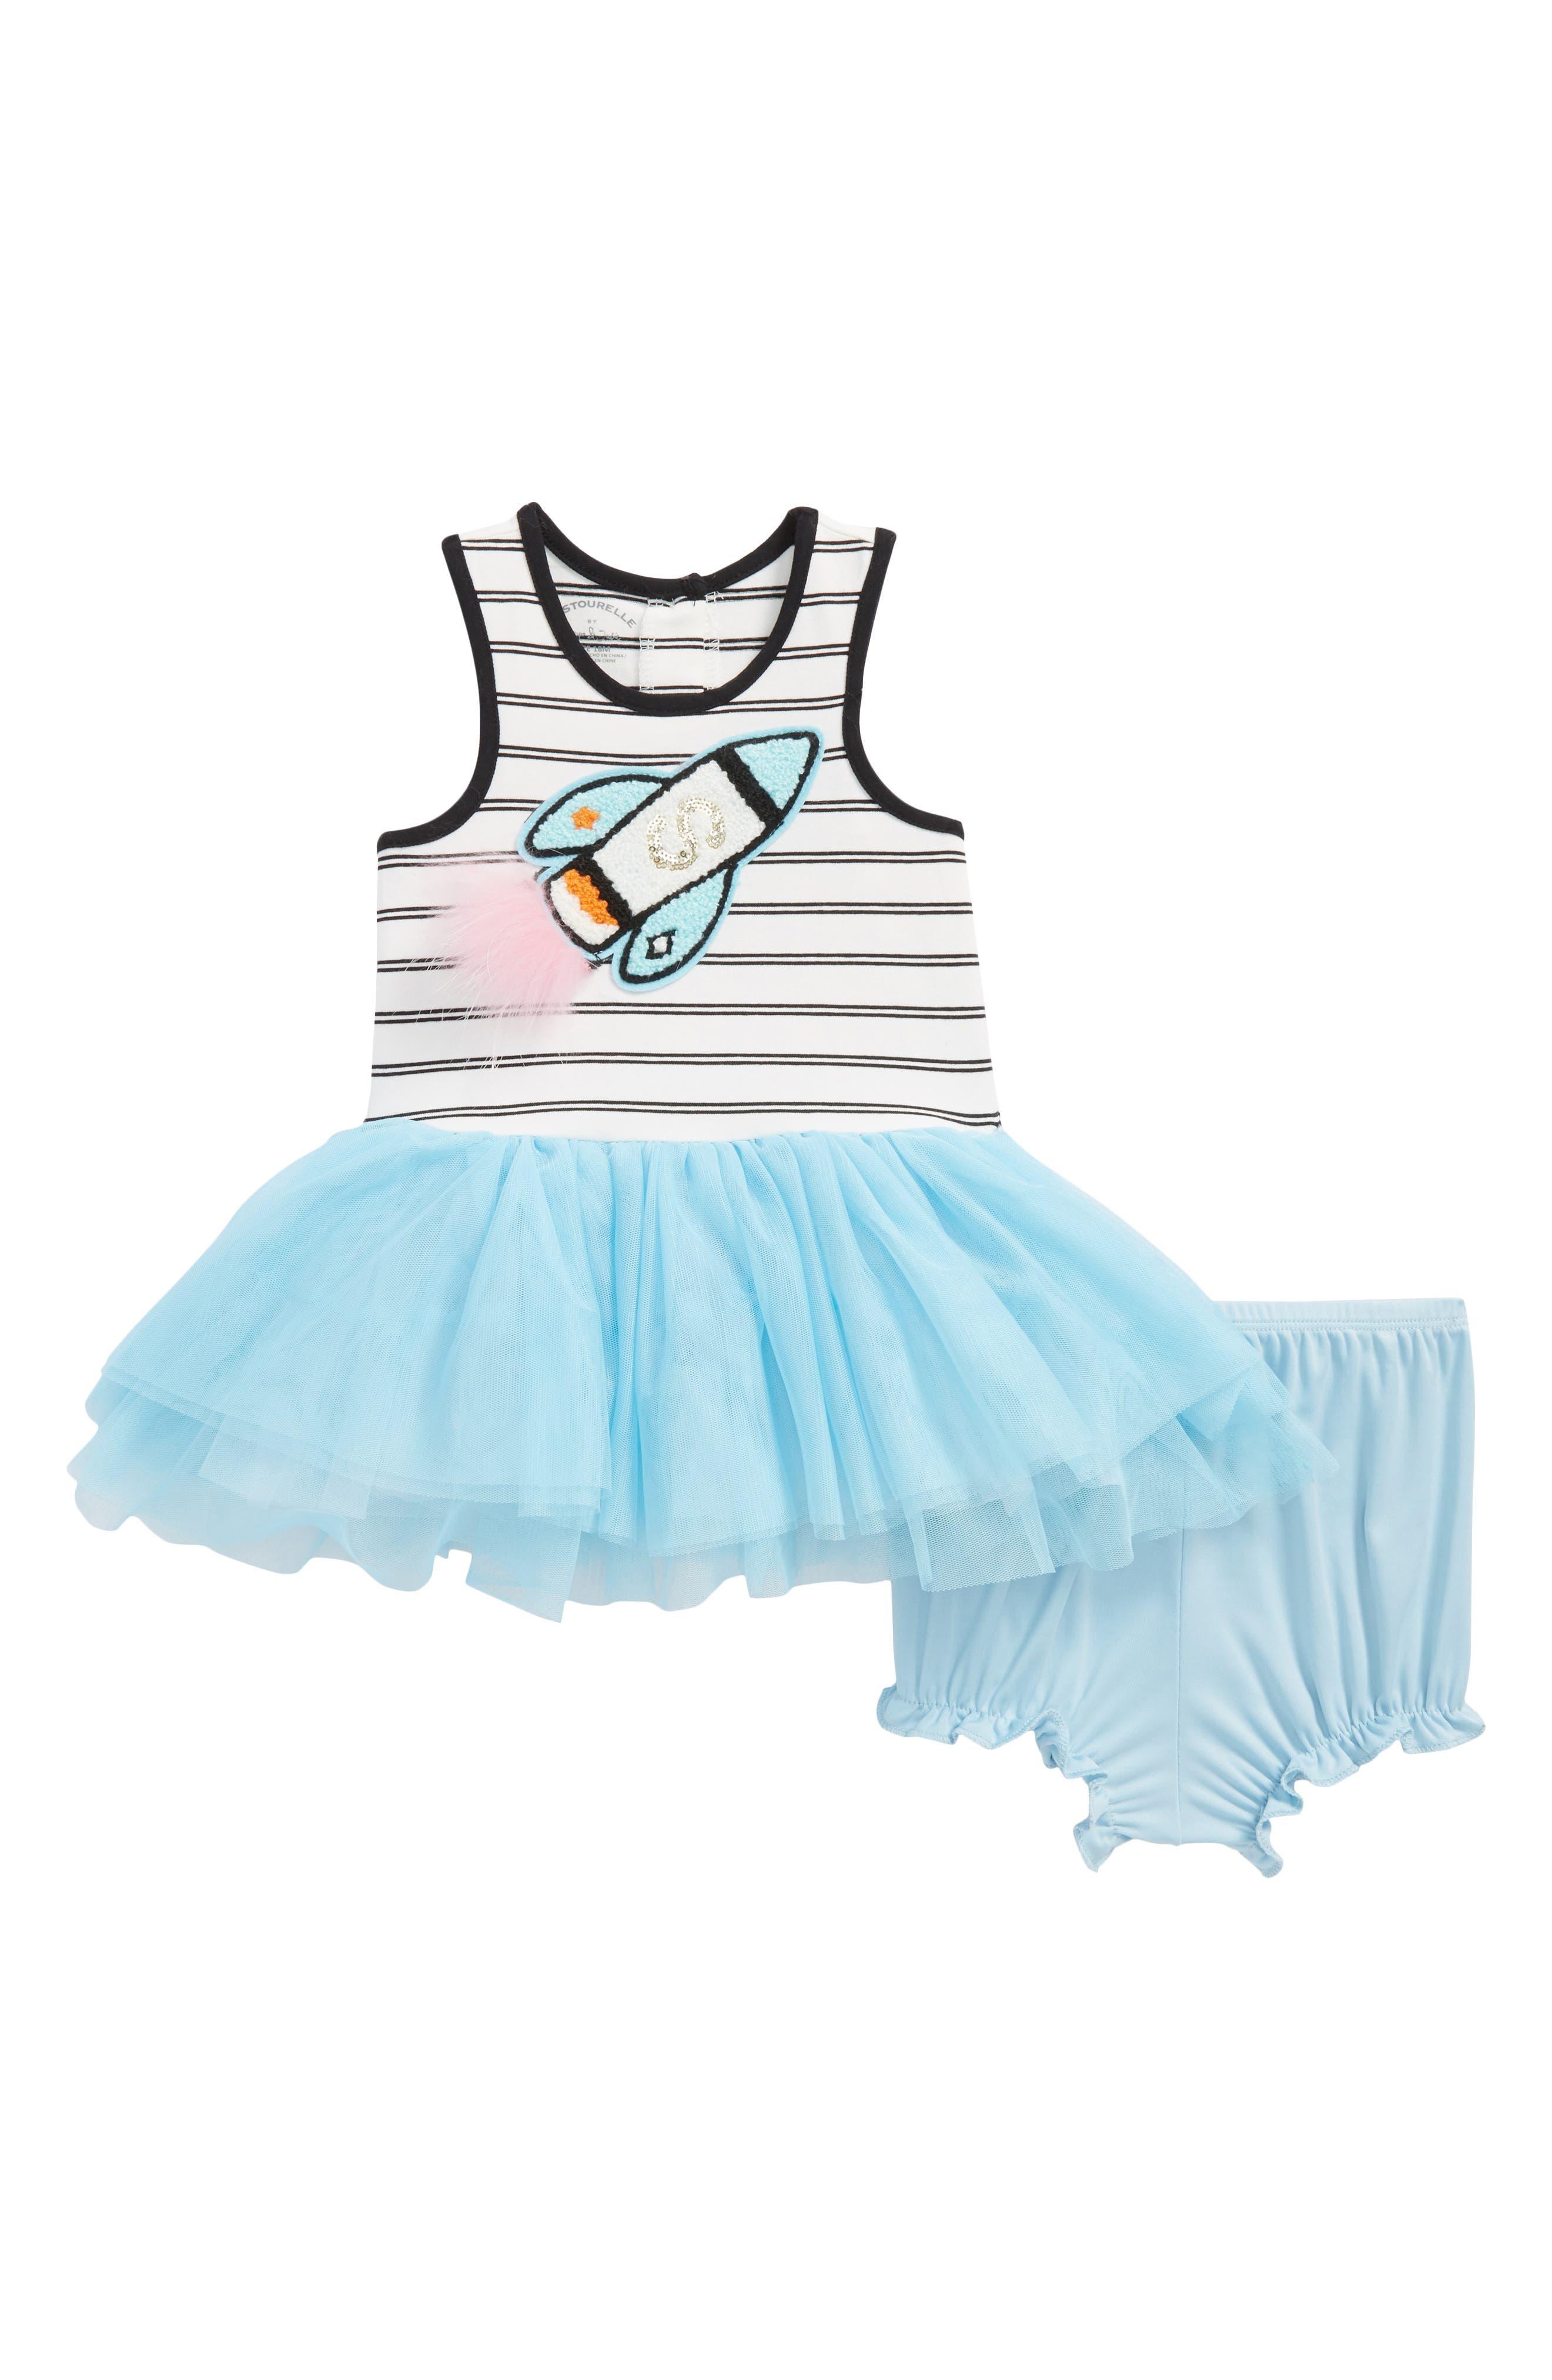 Rocket Tutu Dress,                         Main,                         color, White/ Black